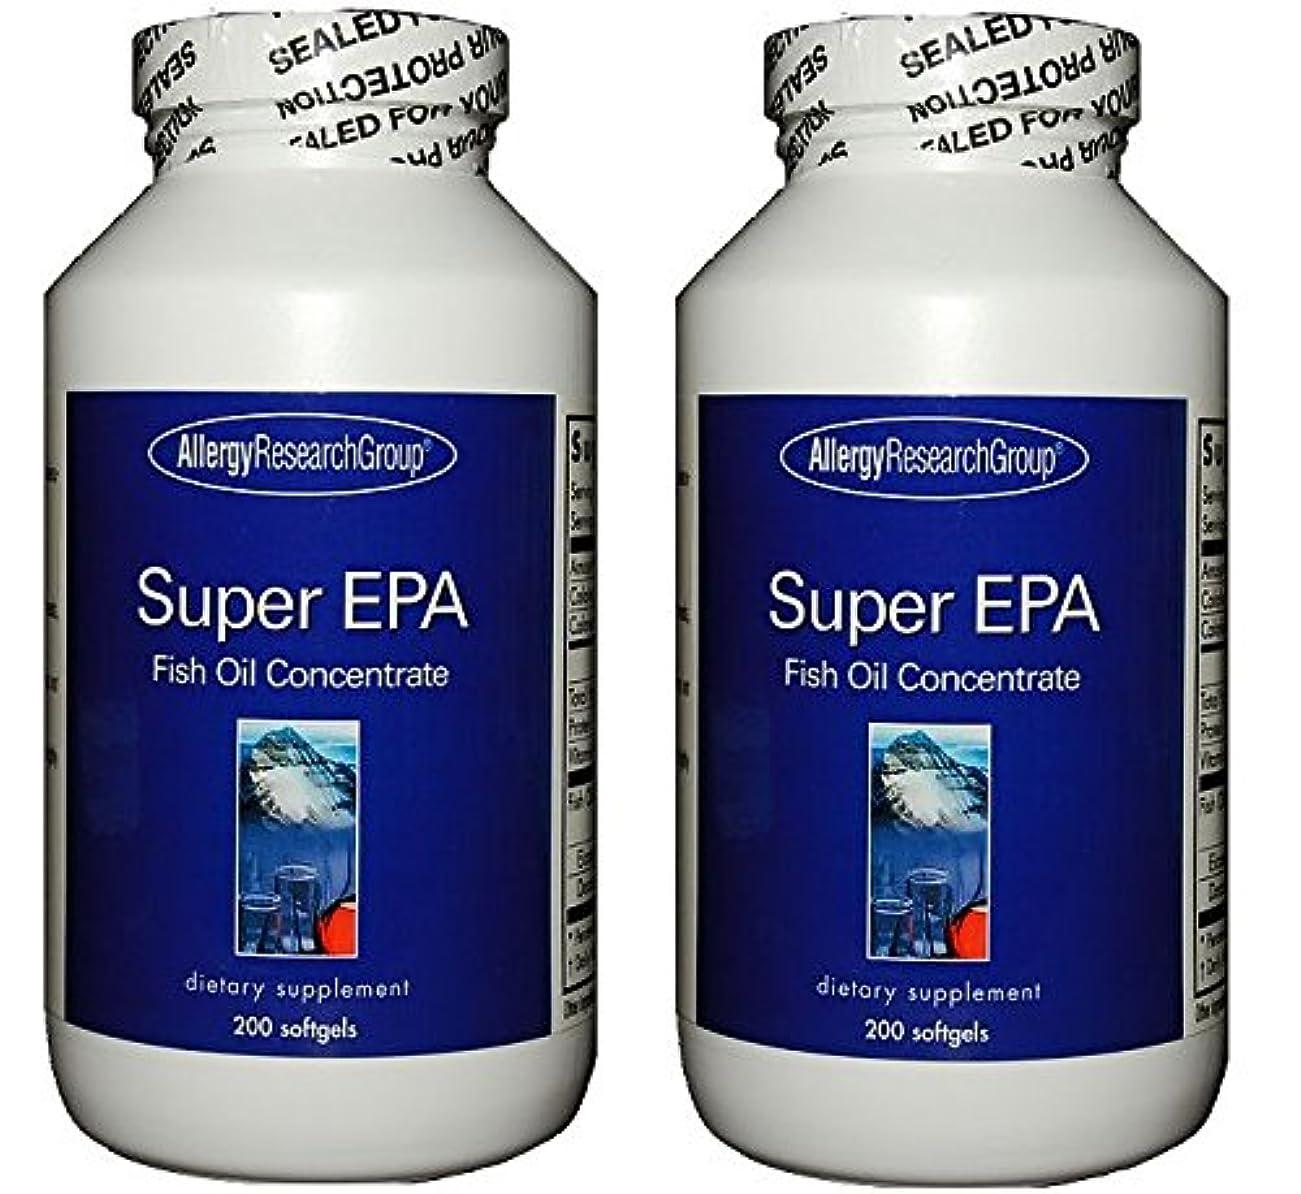 スーパーEPA & DHA  200ソフトカプセル (Super EPA Fish Oil Concentrate 200 softgels) [海外直送品] 2ボトル